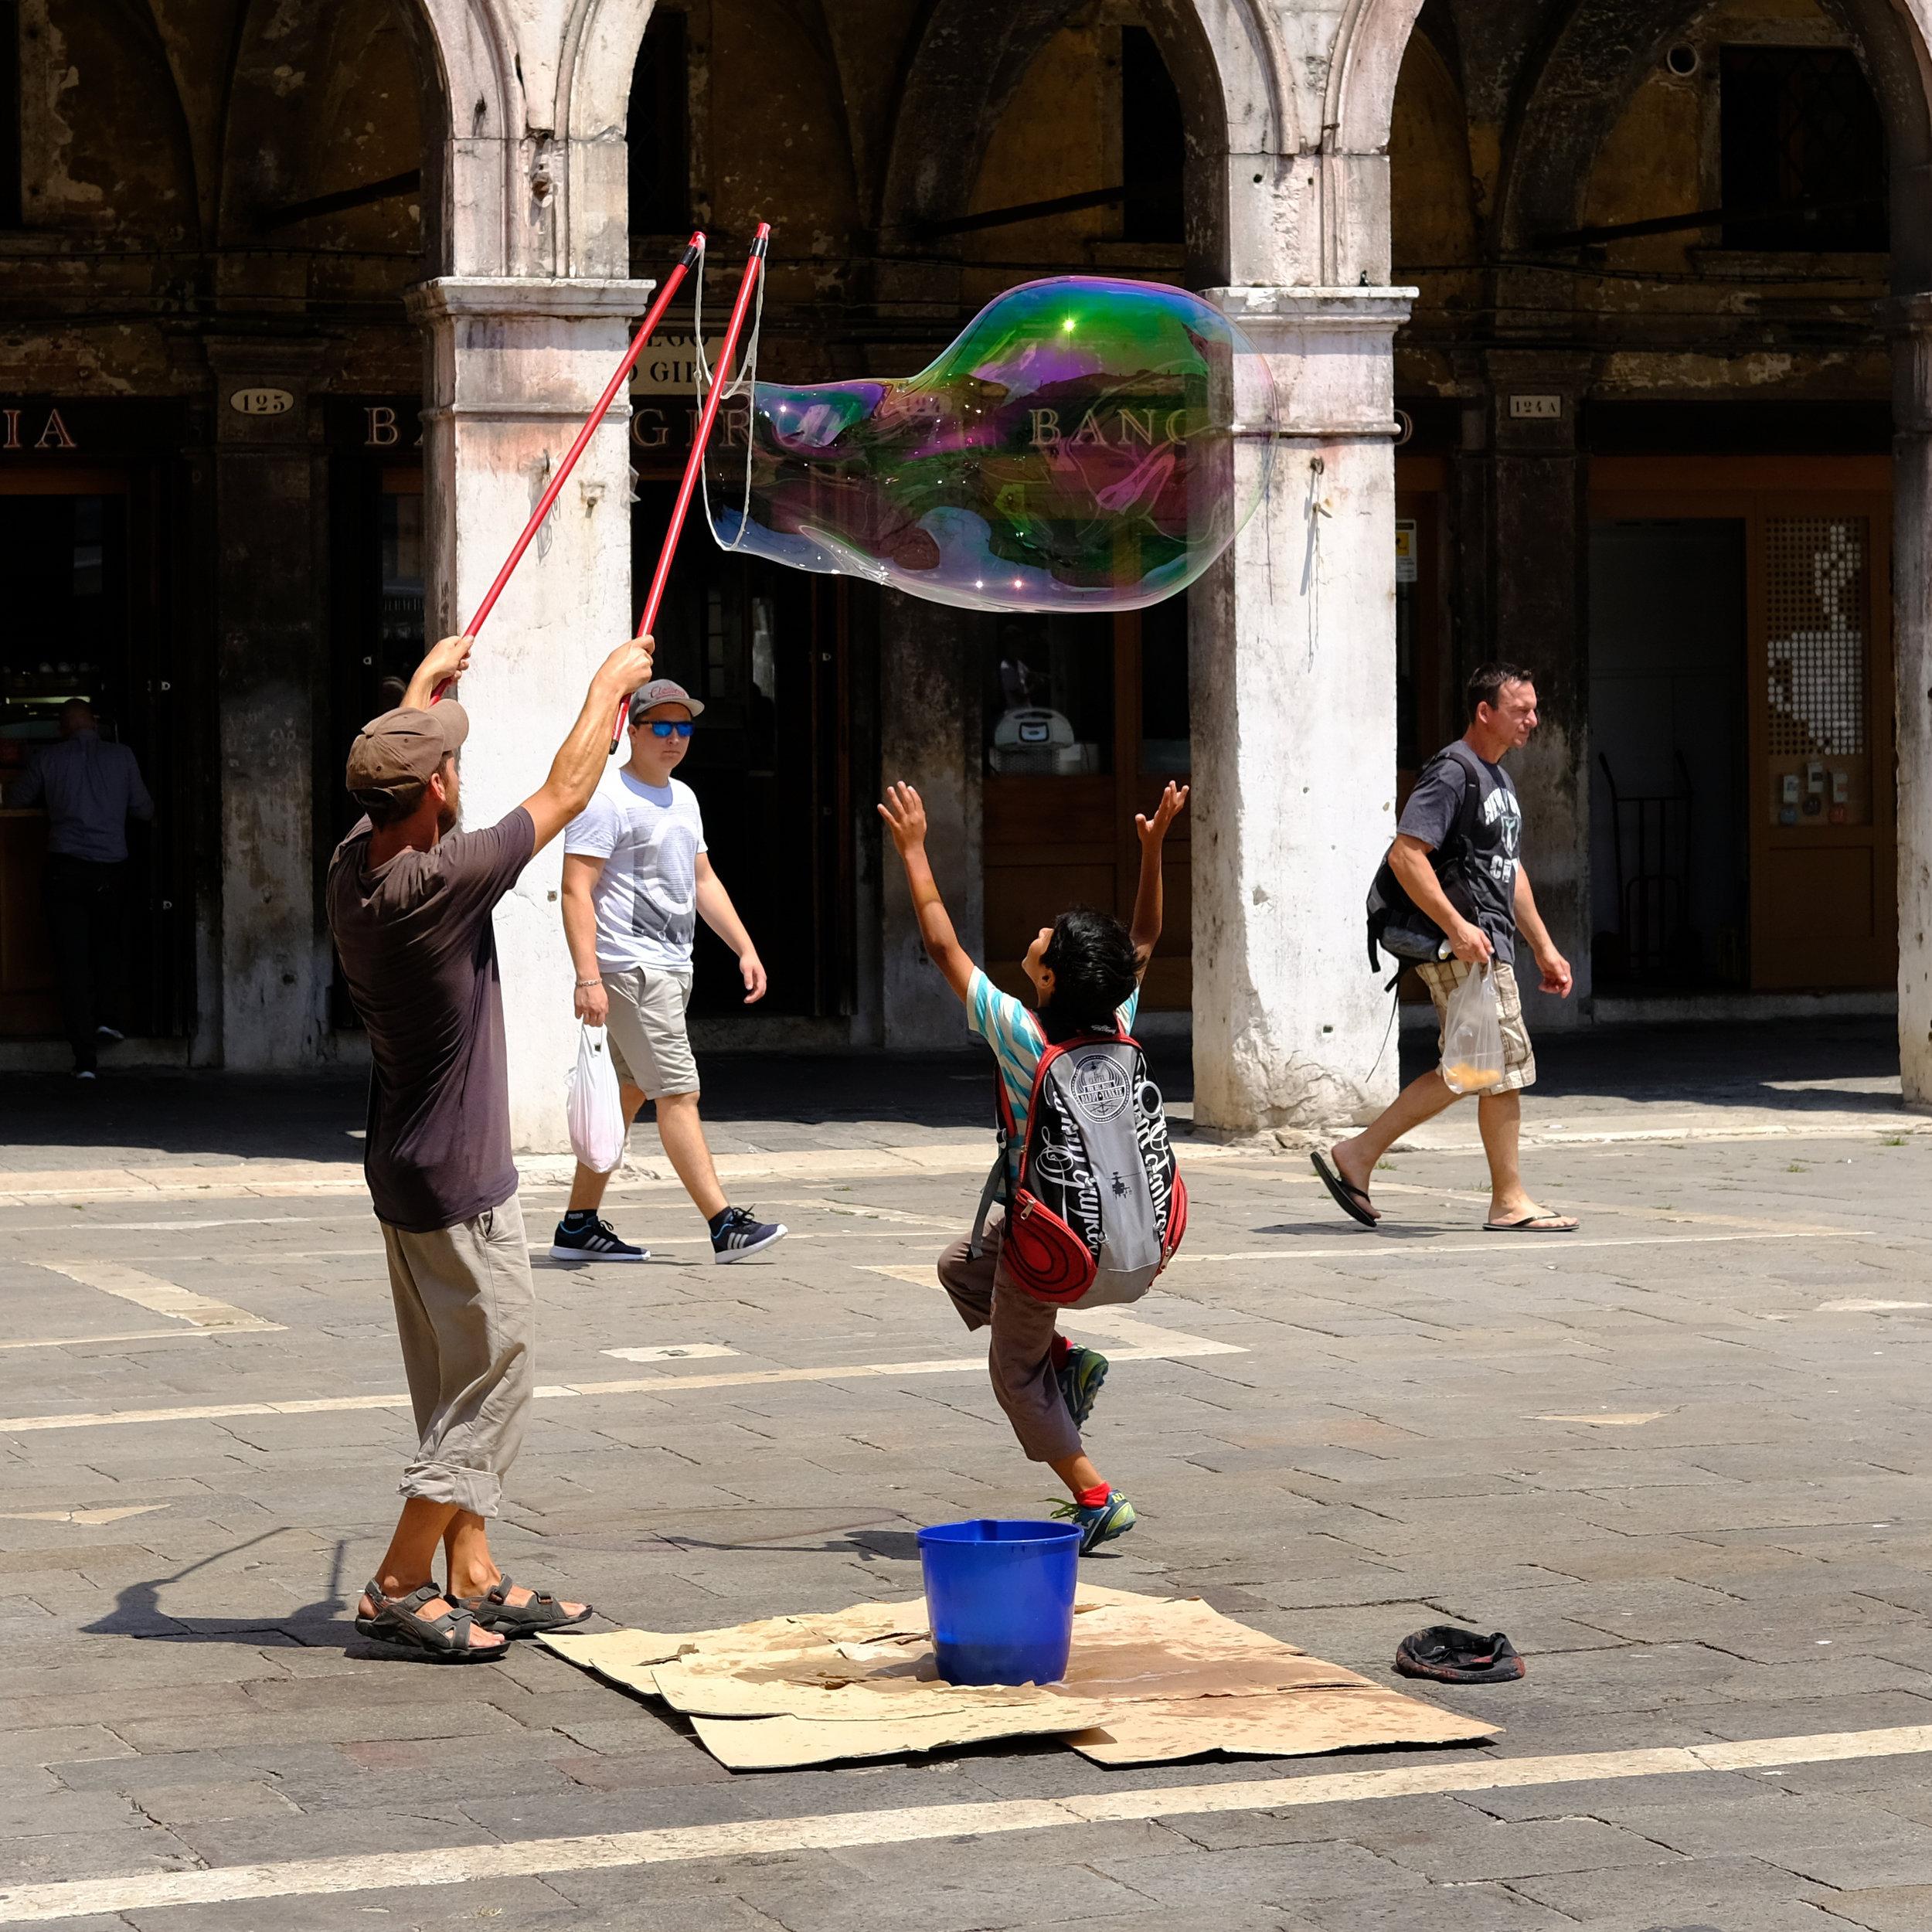 Venice, 12/7/2016 12:35:12